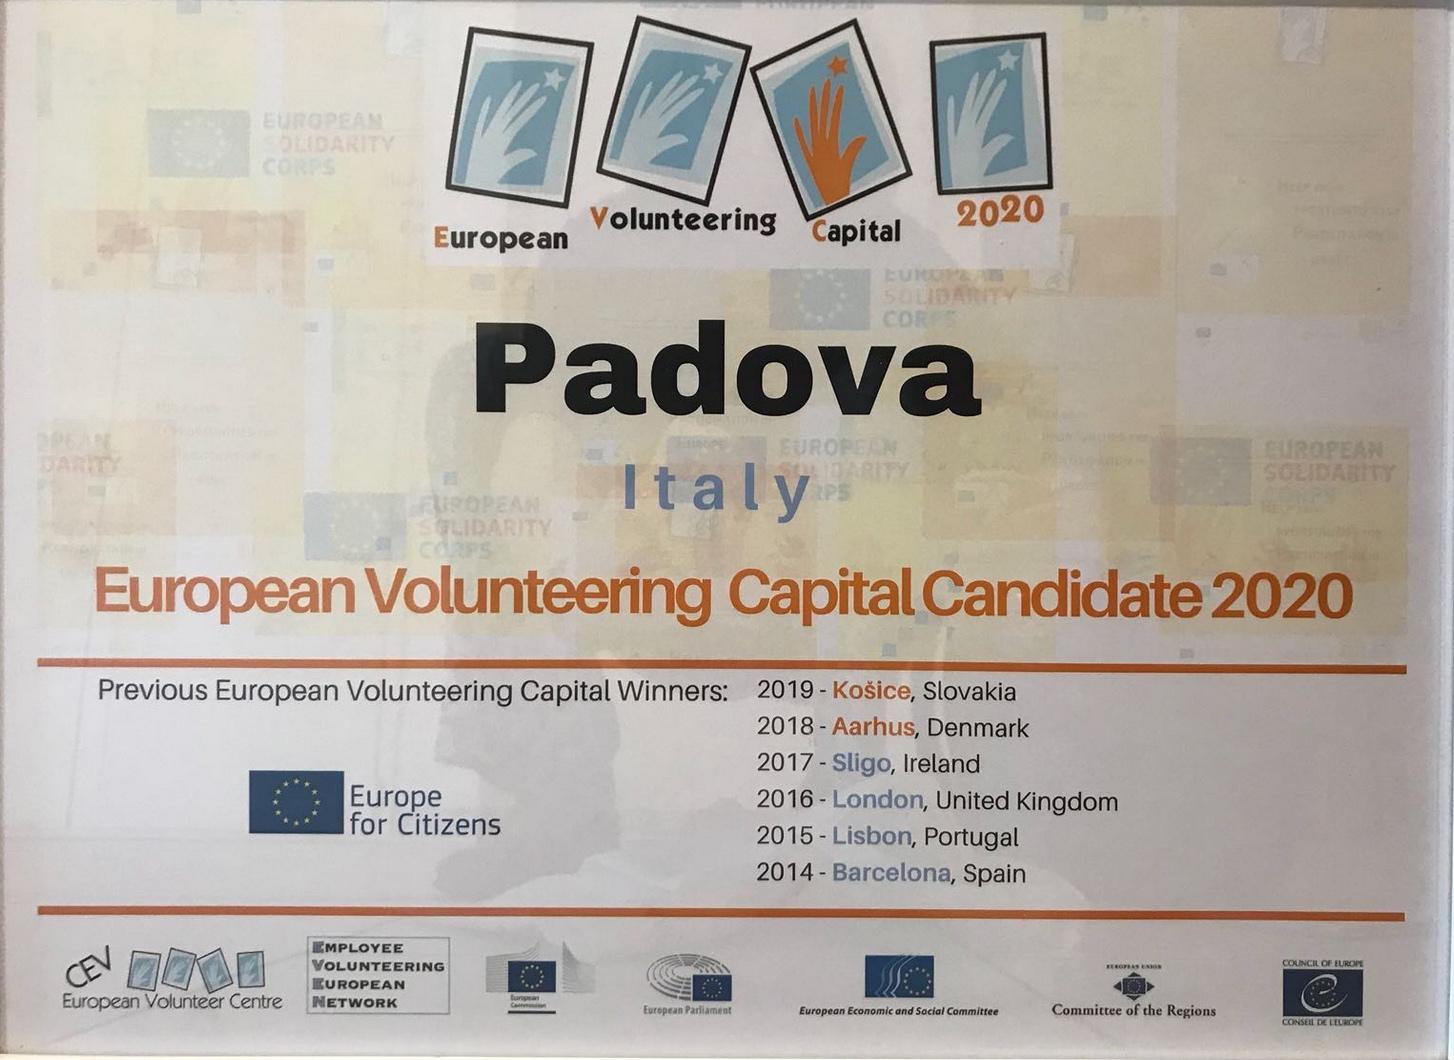 Candidatura di Padova a Capitale europea del volontariato 2020